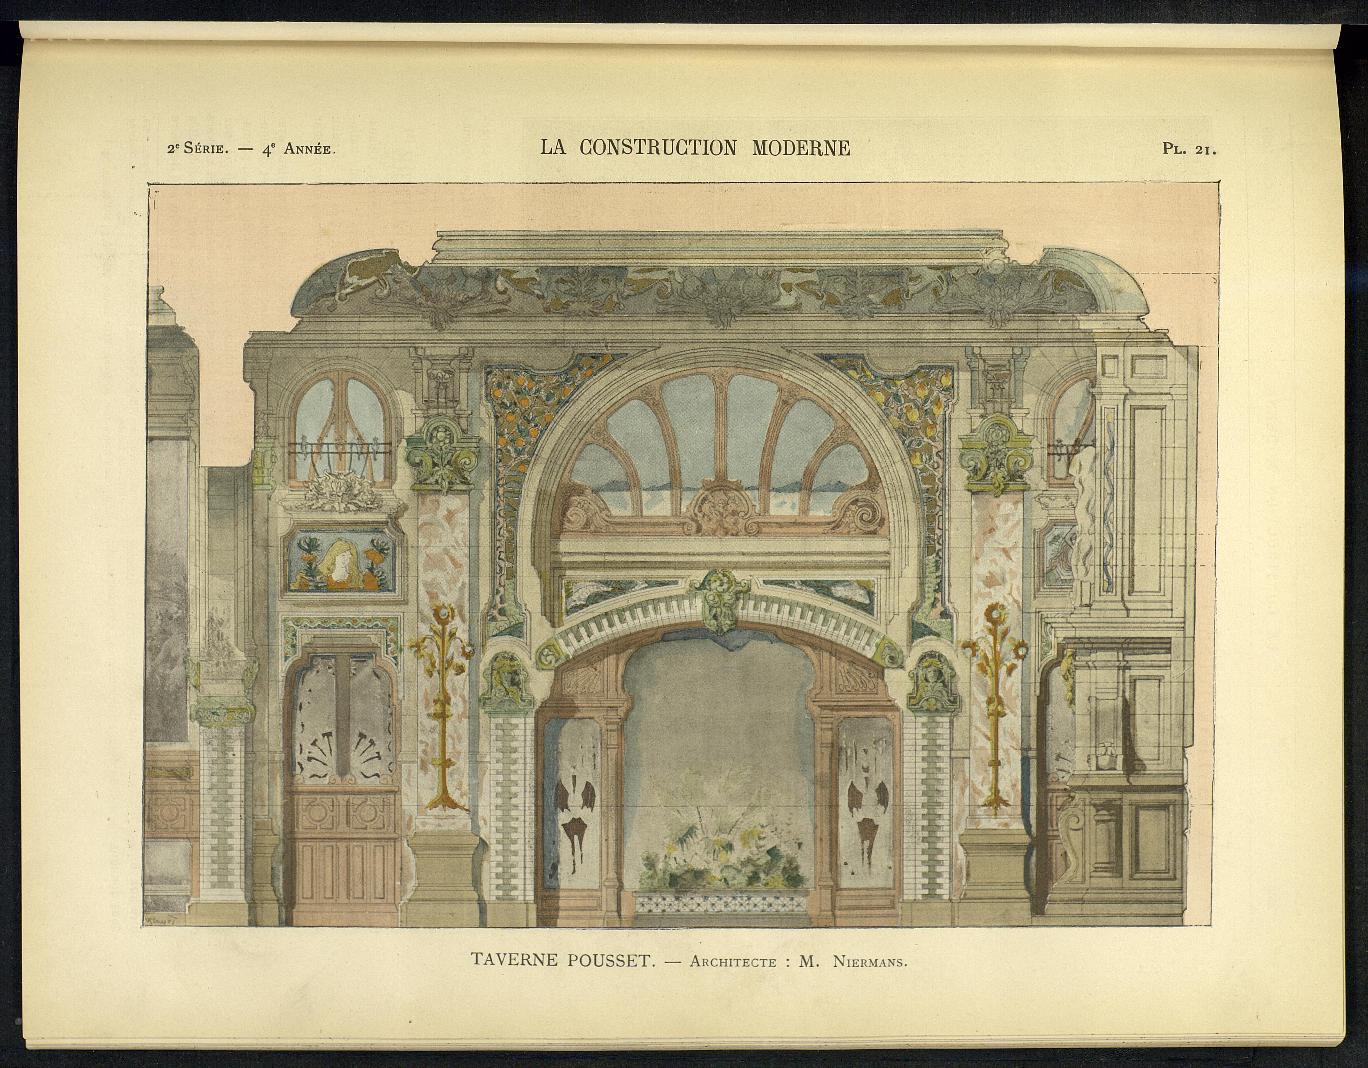 La Construction moderne, no. 24, 1898-1899 |